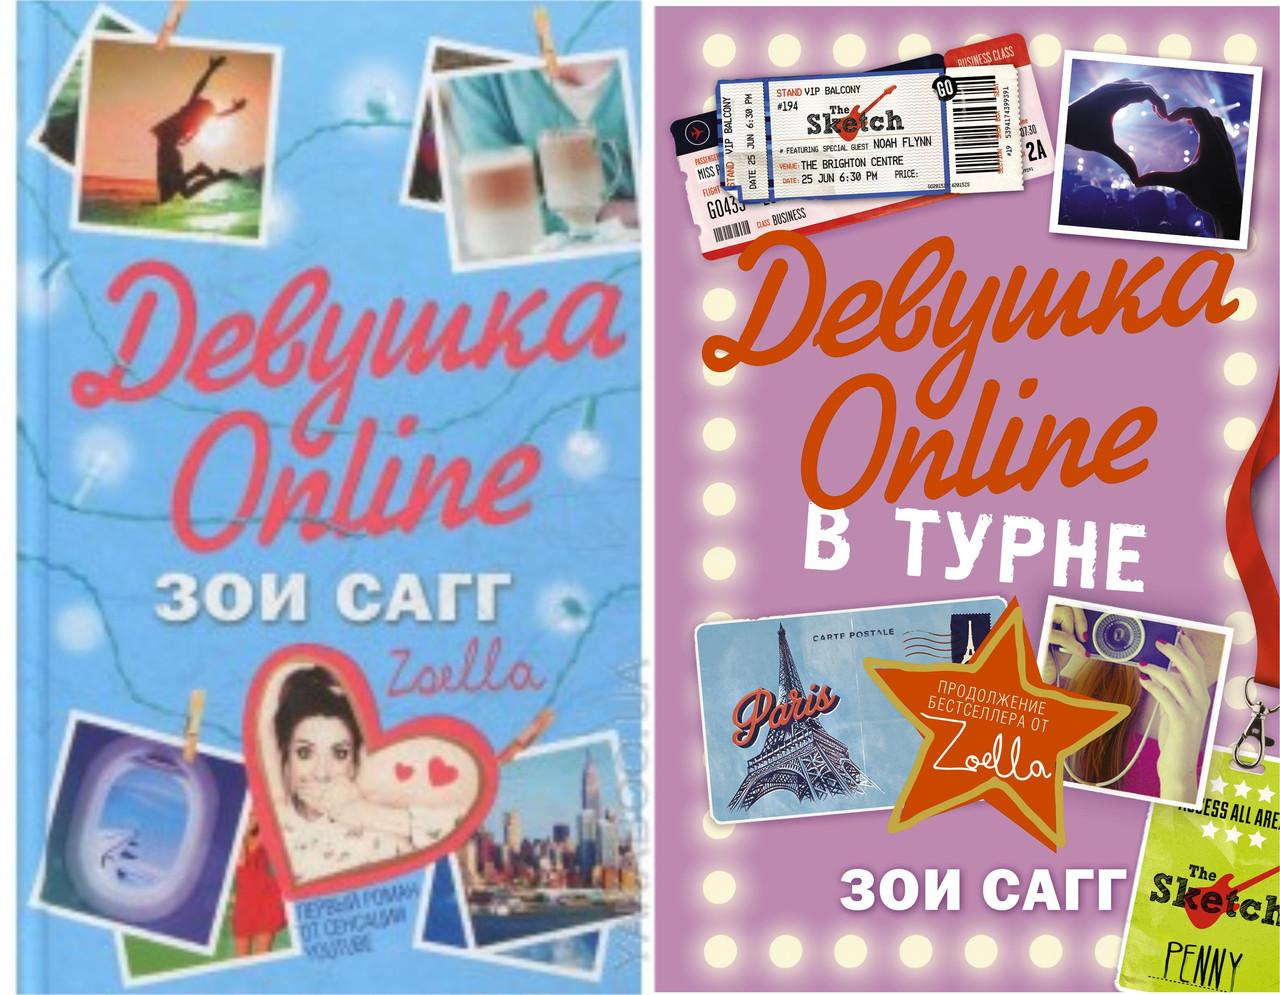 59e54ec48 Зои Сагг Девушка Online Девушка онлайн в турне 2 части мягкий переплет -  DiyLand в Днепре